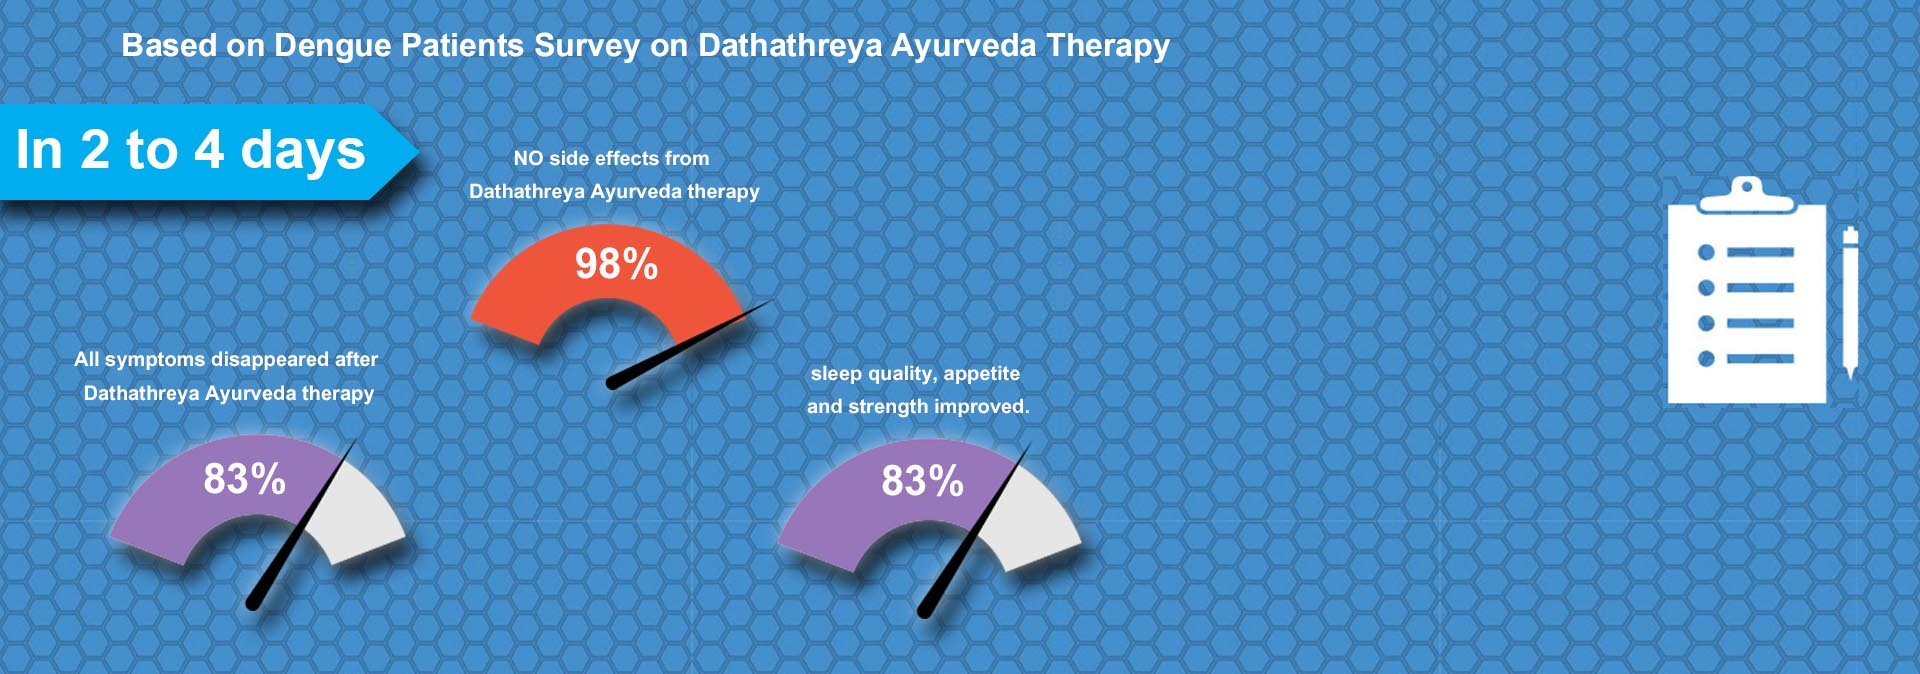 dengue-patient-survey